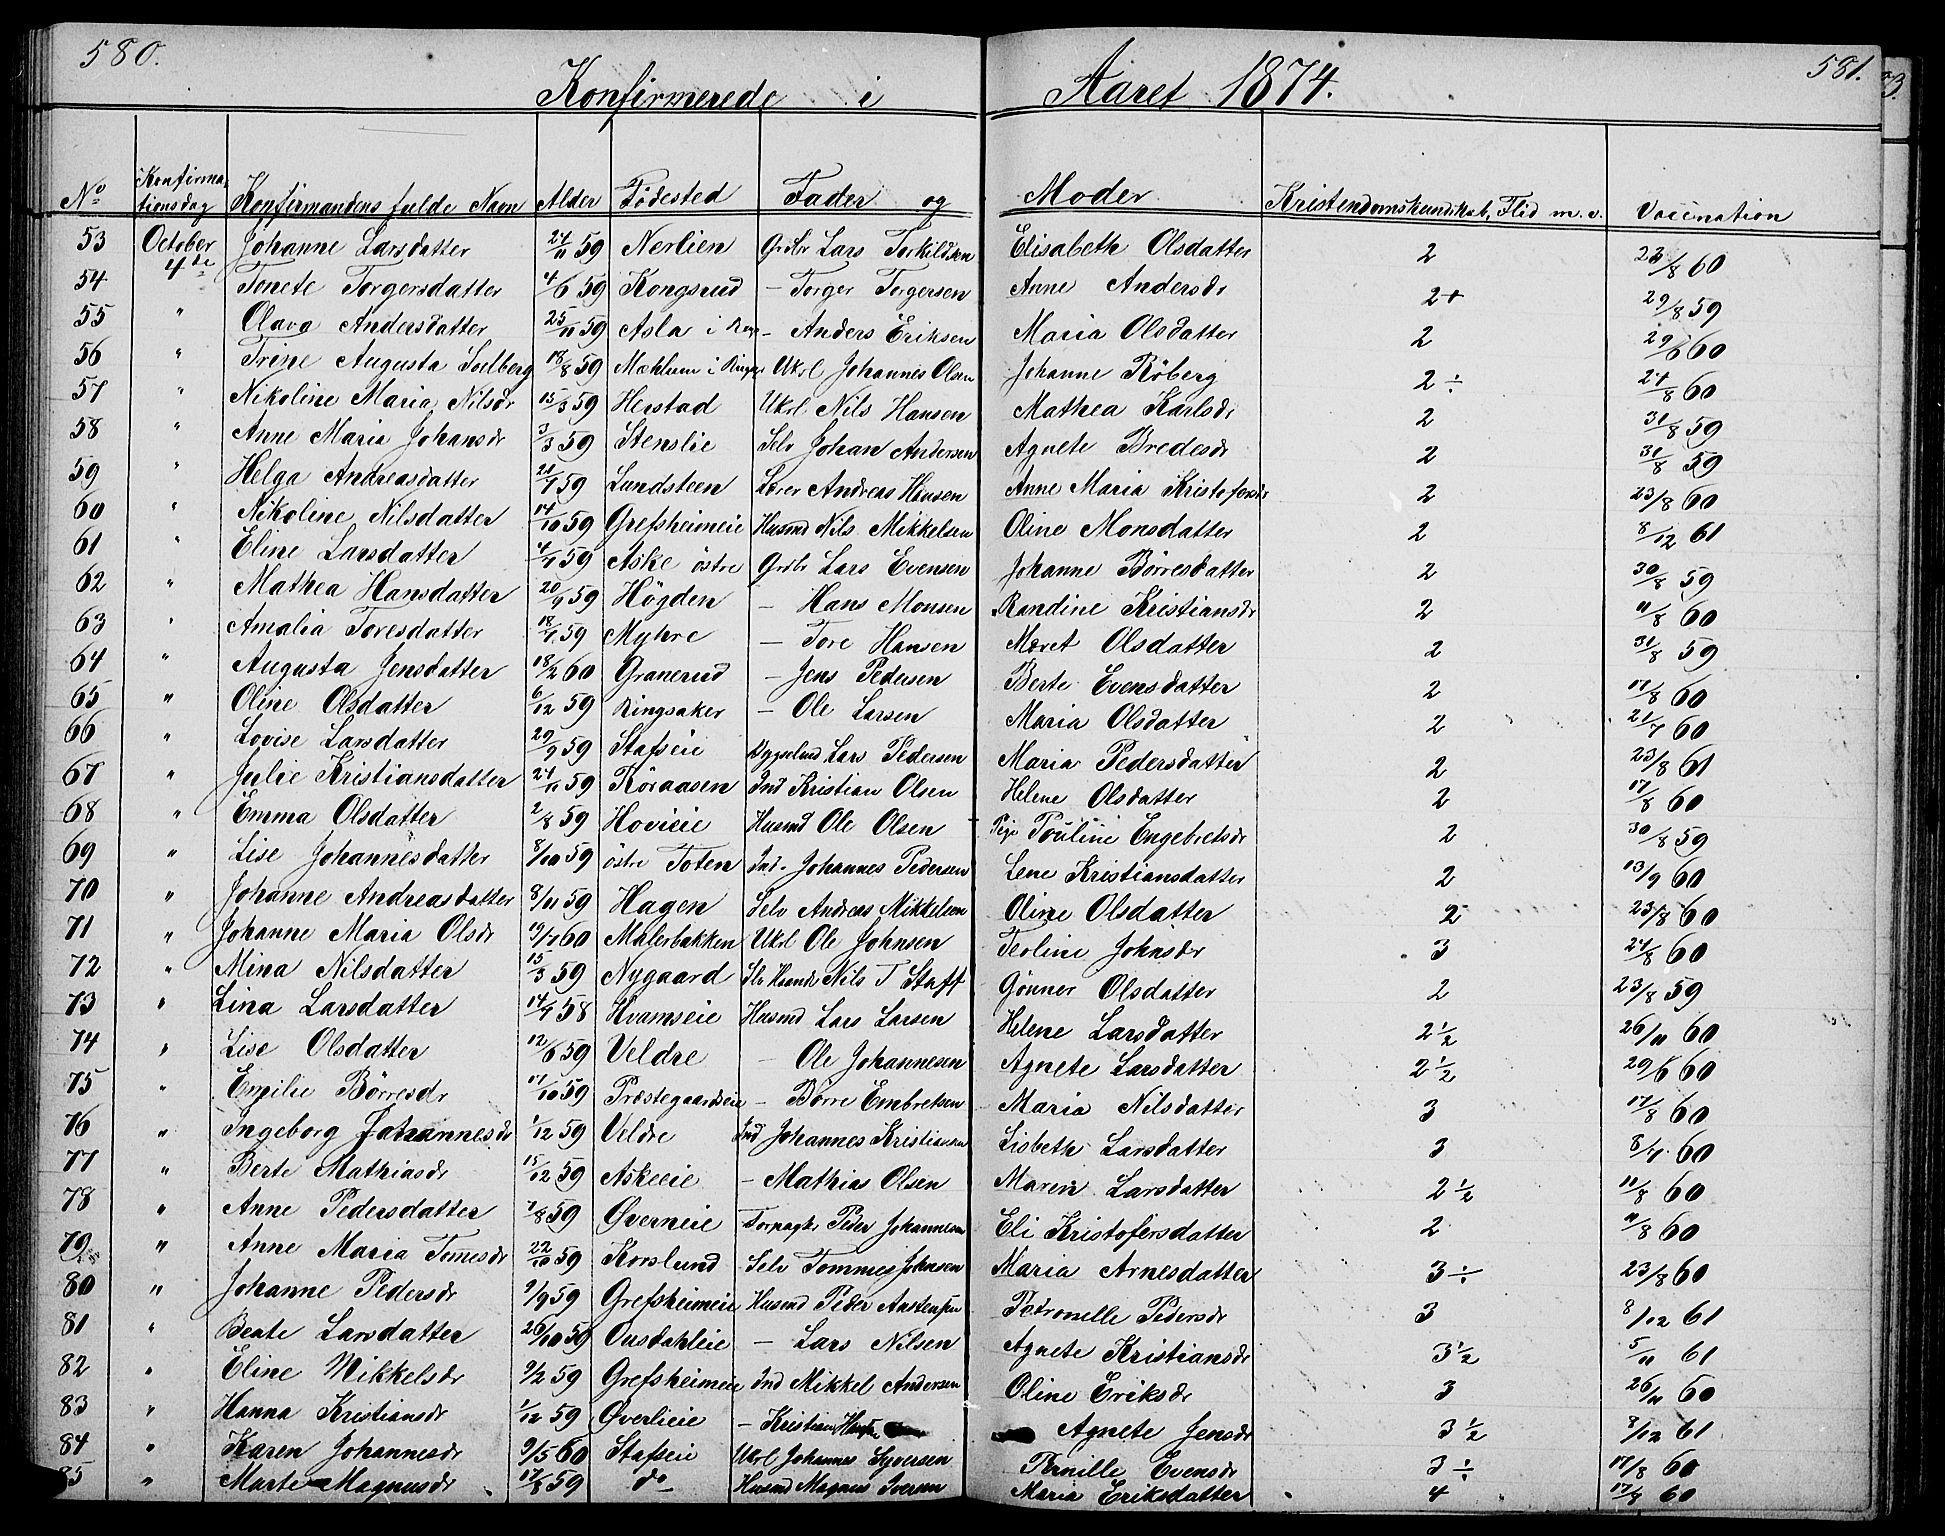 SAH, Nes prestekontor, L/La/L0005: Klokkerbok nr. 5, 1852-1889, s. 580-581